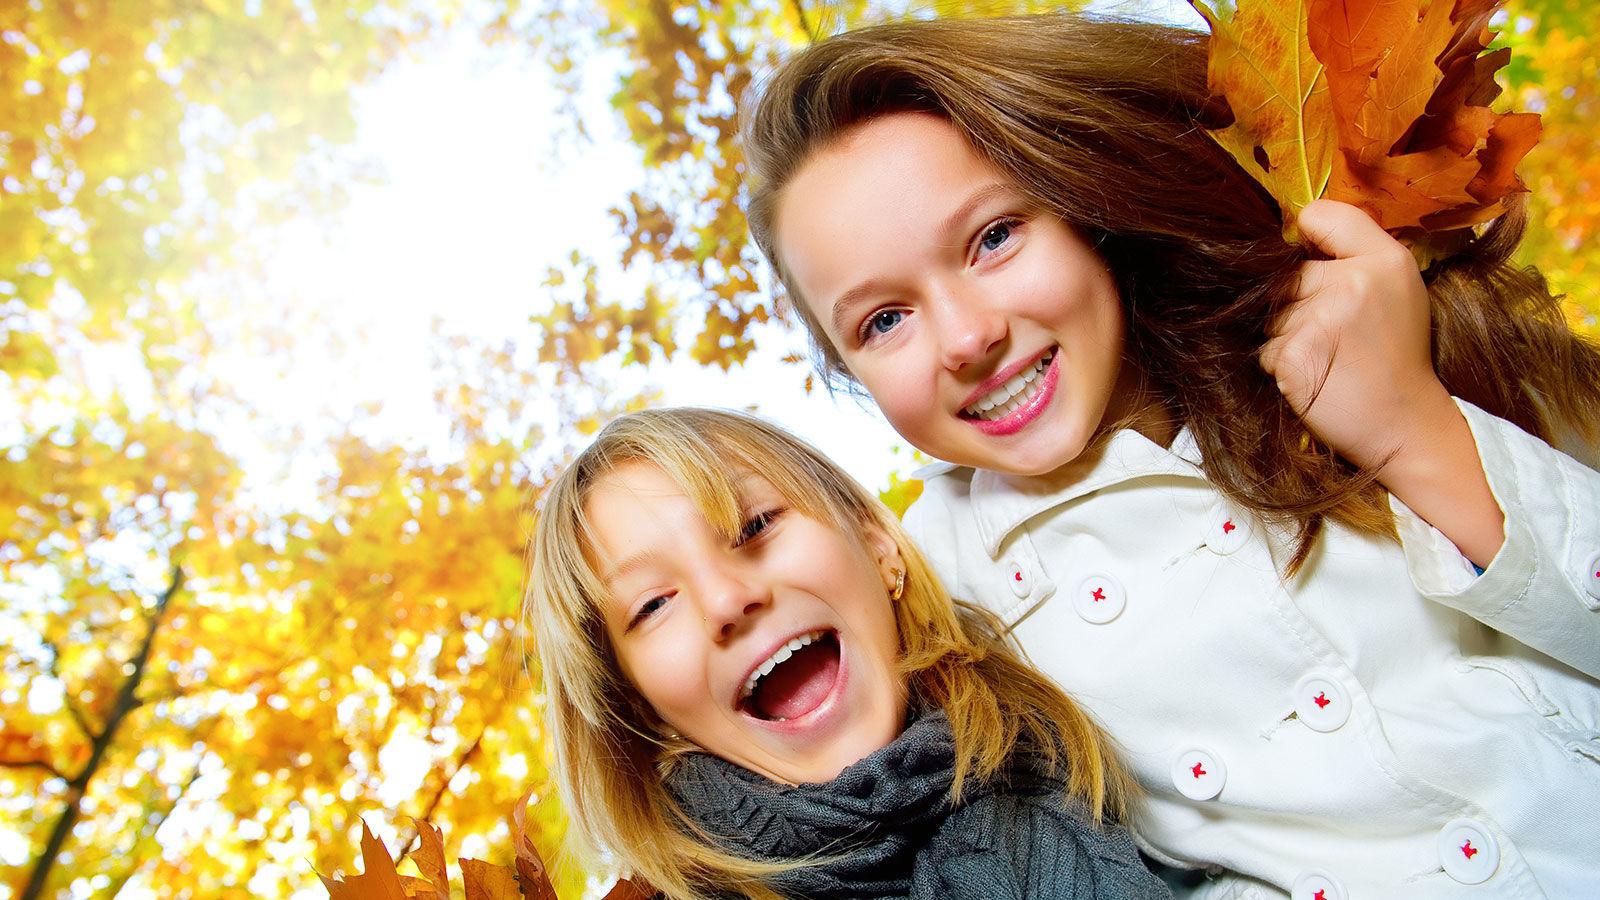 Пять идей для лучших осенних каникул